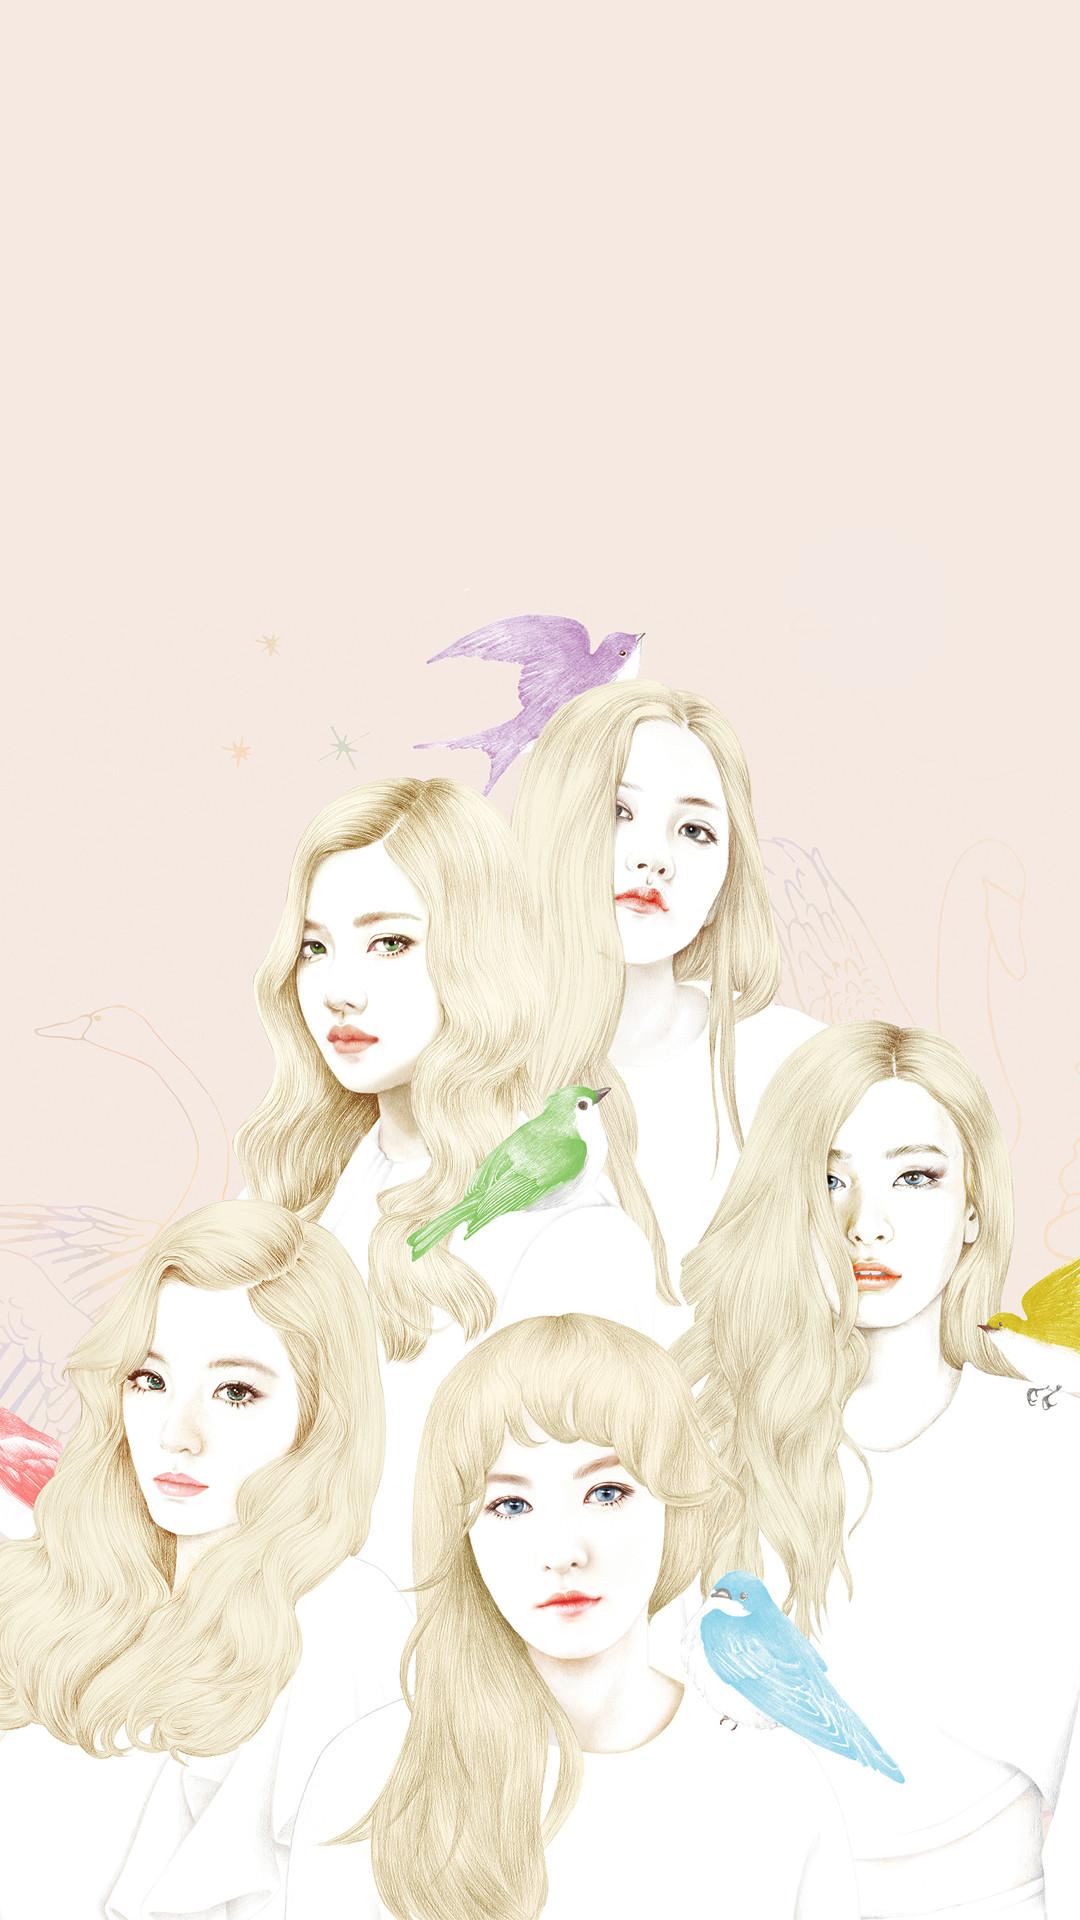 Korean Cute Desktop Wallpapers Kpop Wallpaper 75 Images